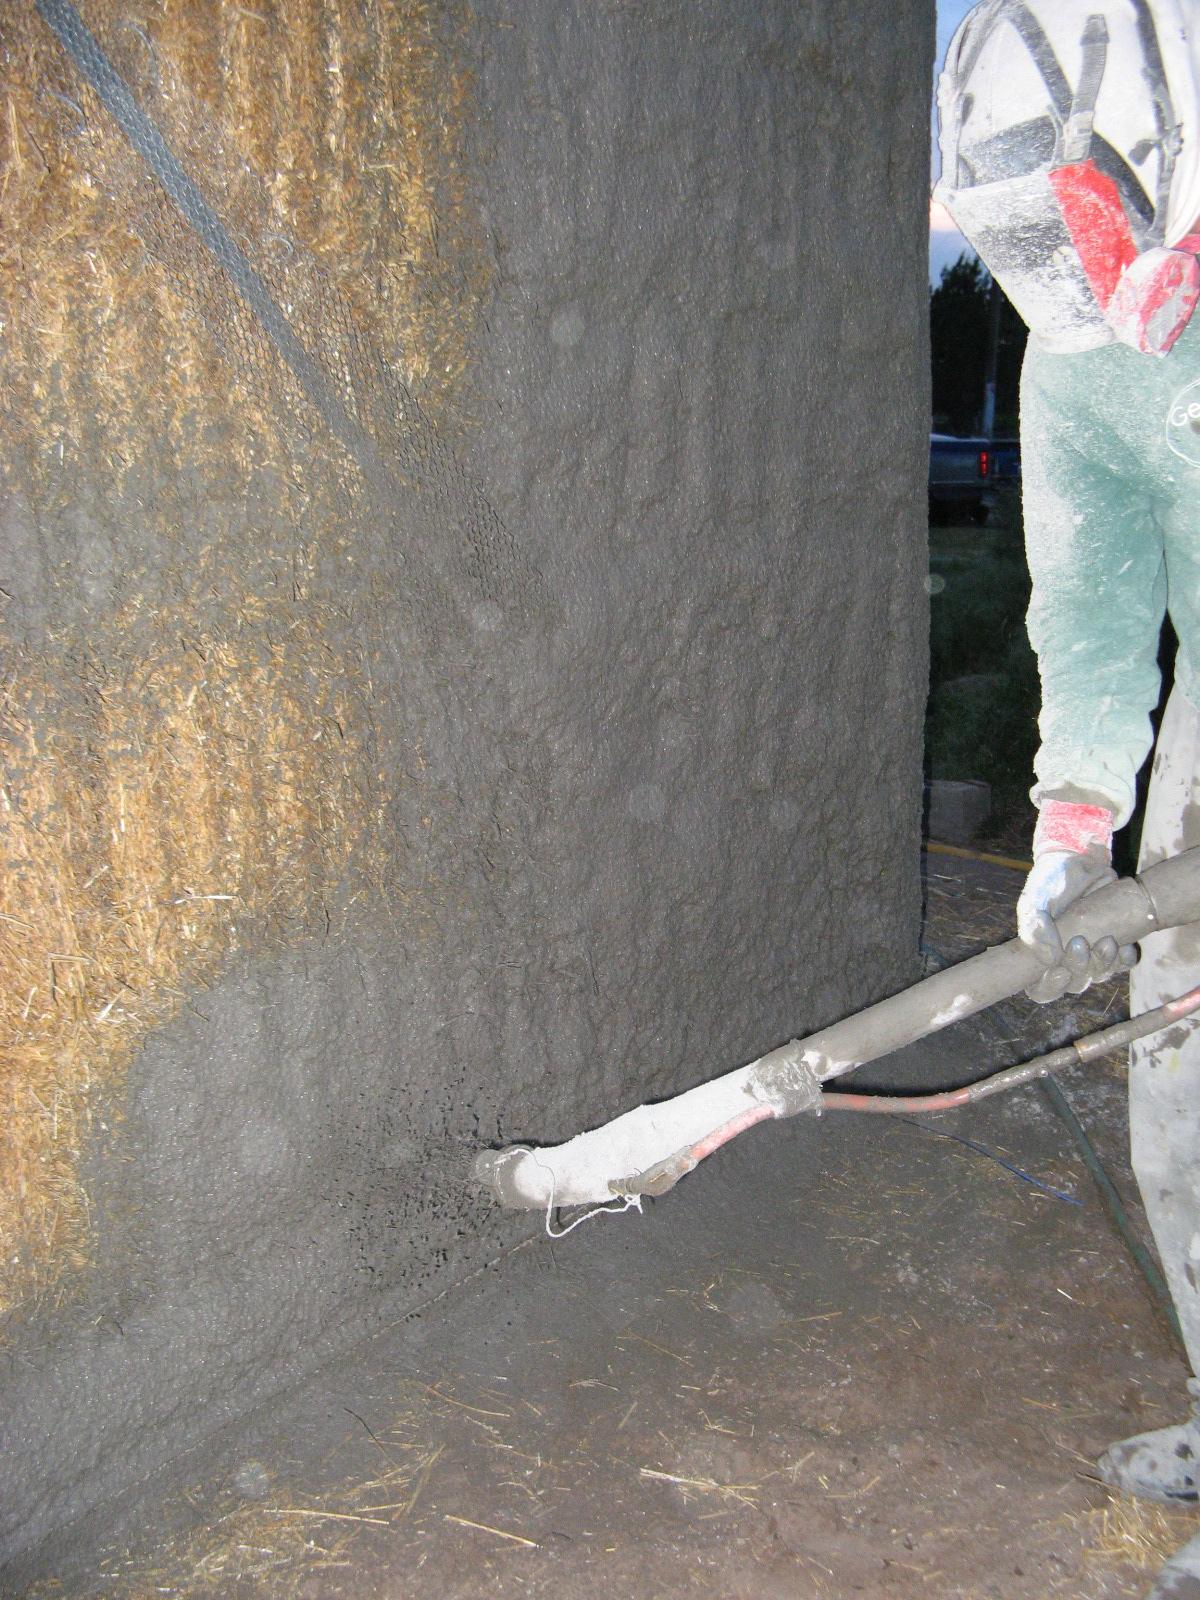 Tony spraying stucco